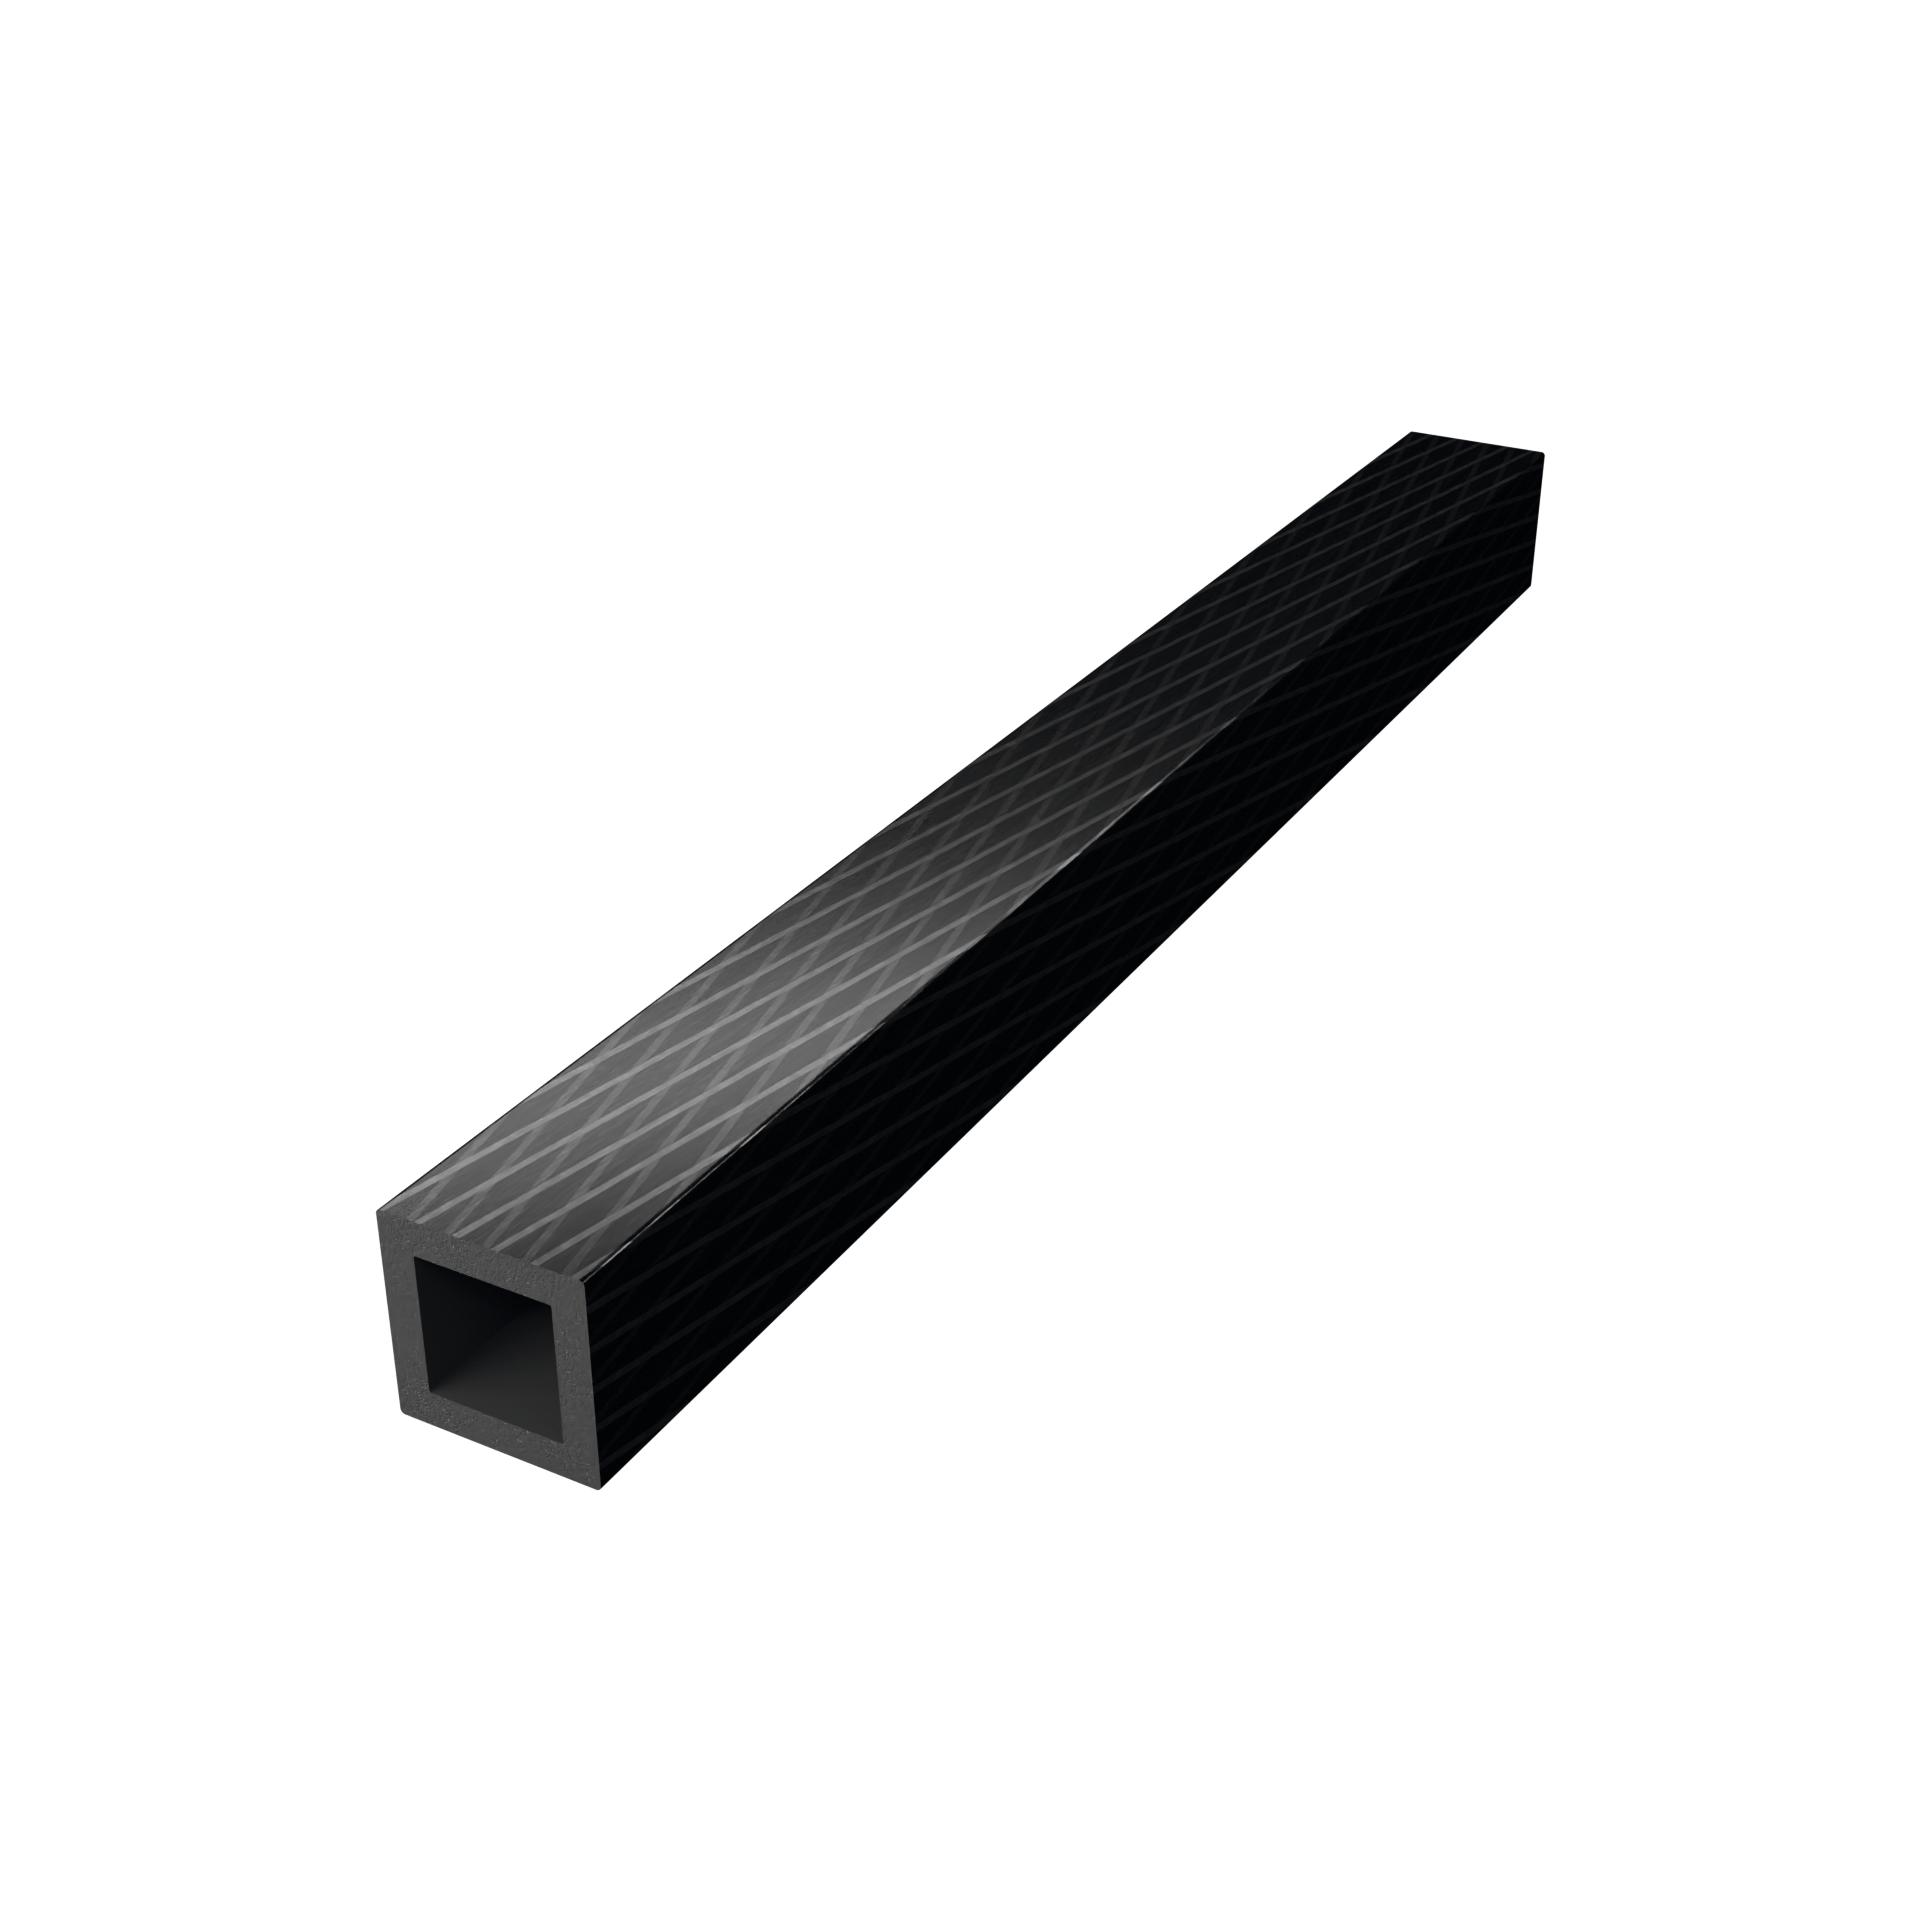 CarboSix tubi rettangolri e scatolati in fibra di carbonio